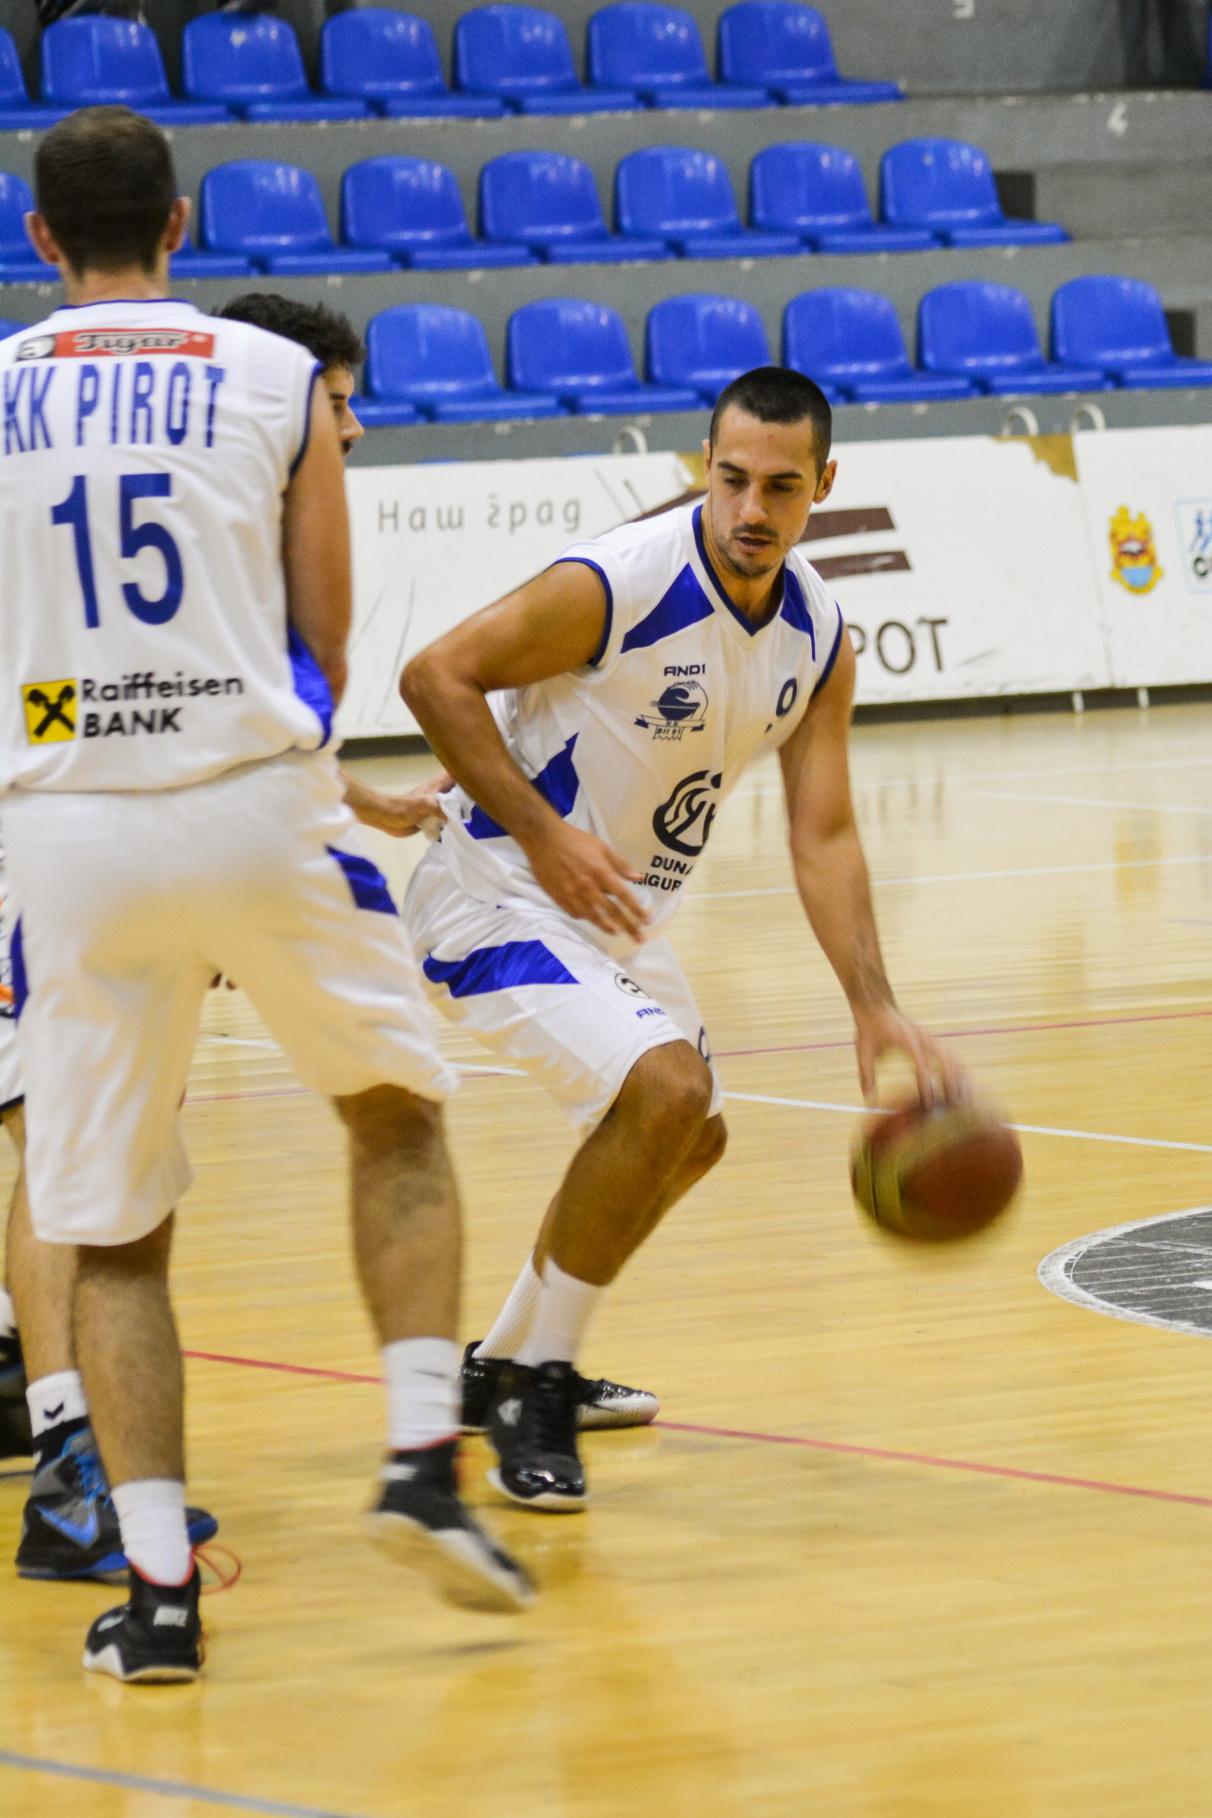 Lazar Rasic KK Pirot